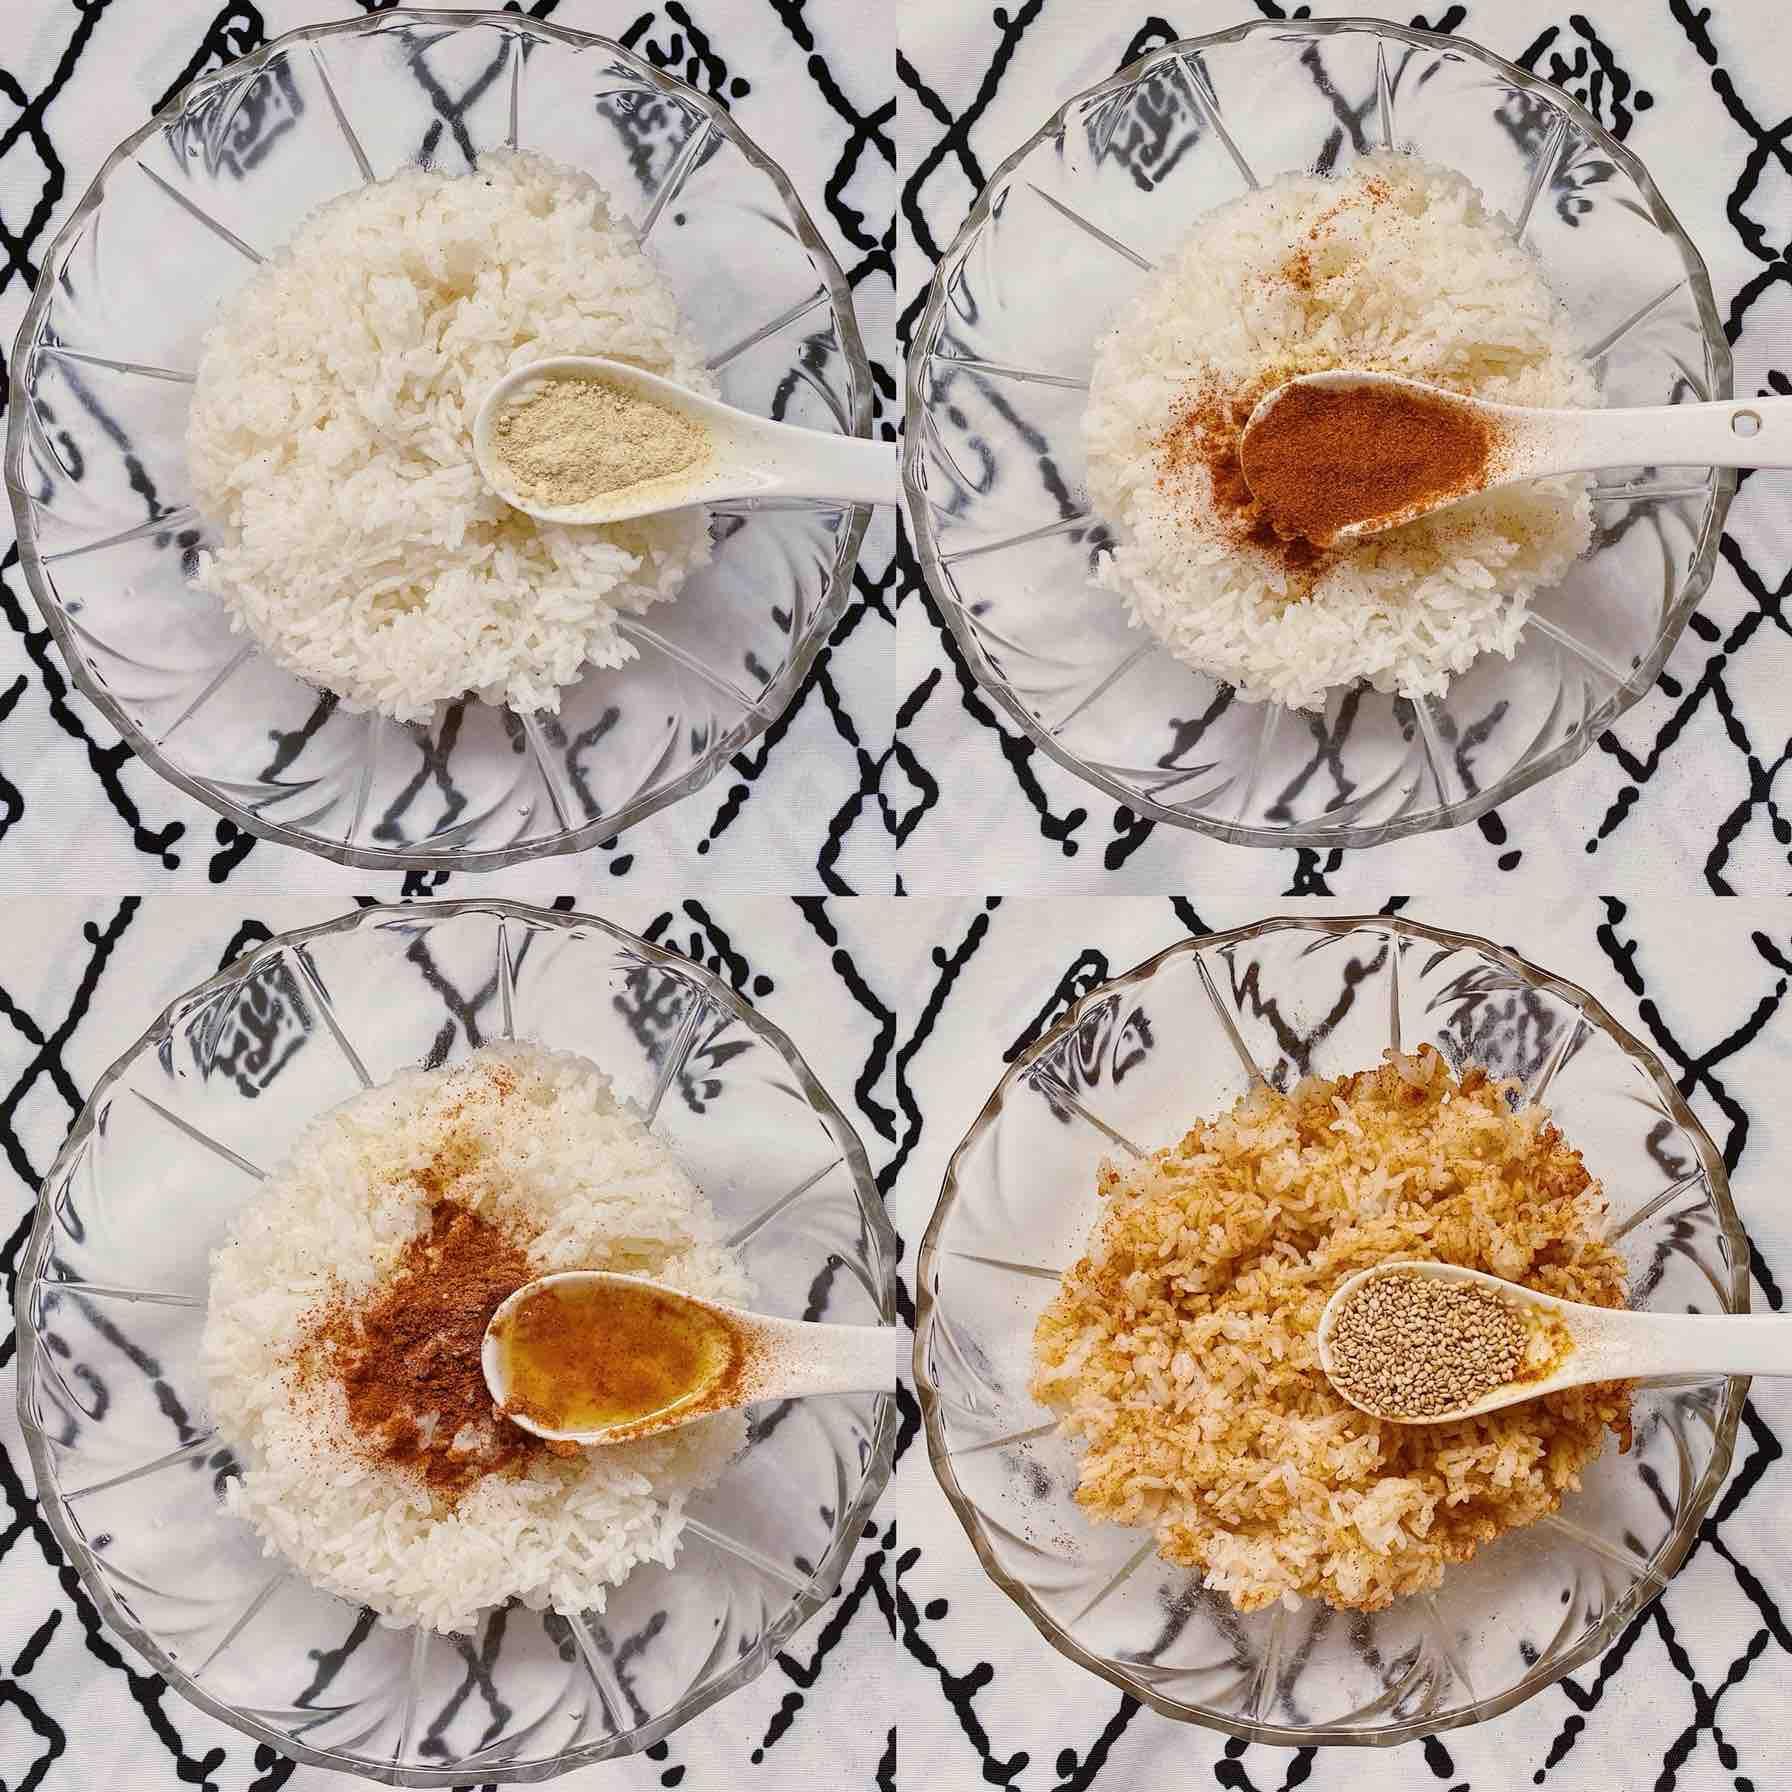 ㊙️米饭的神仙吃法|日式芝士饭团的步骤